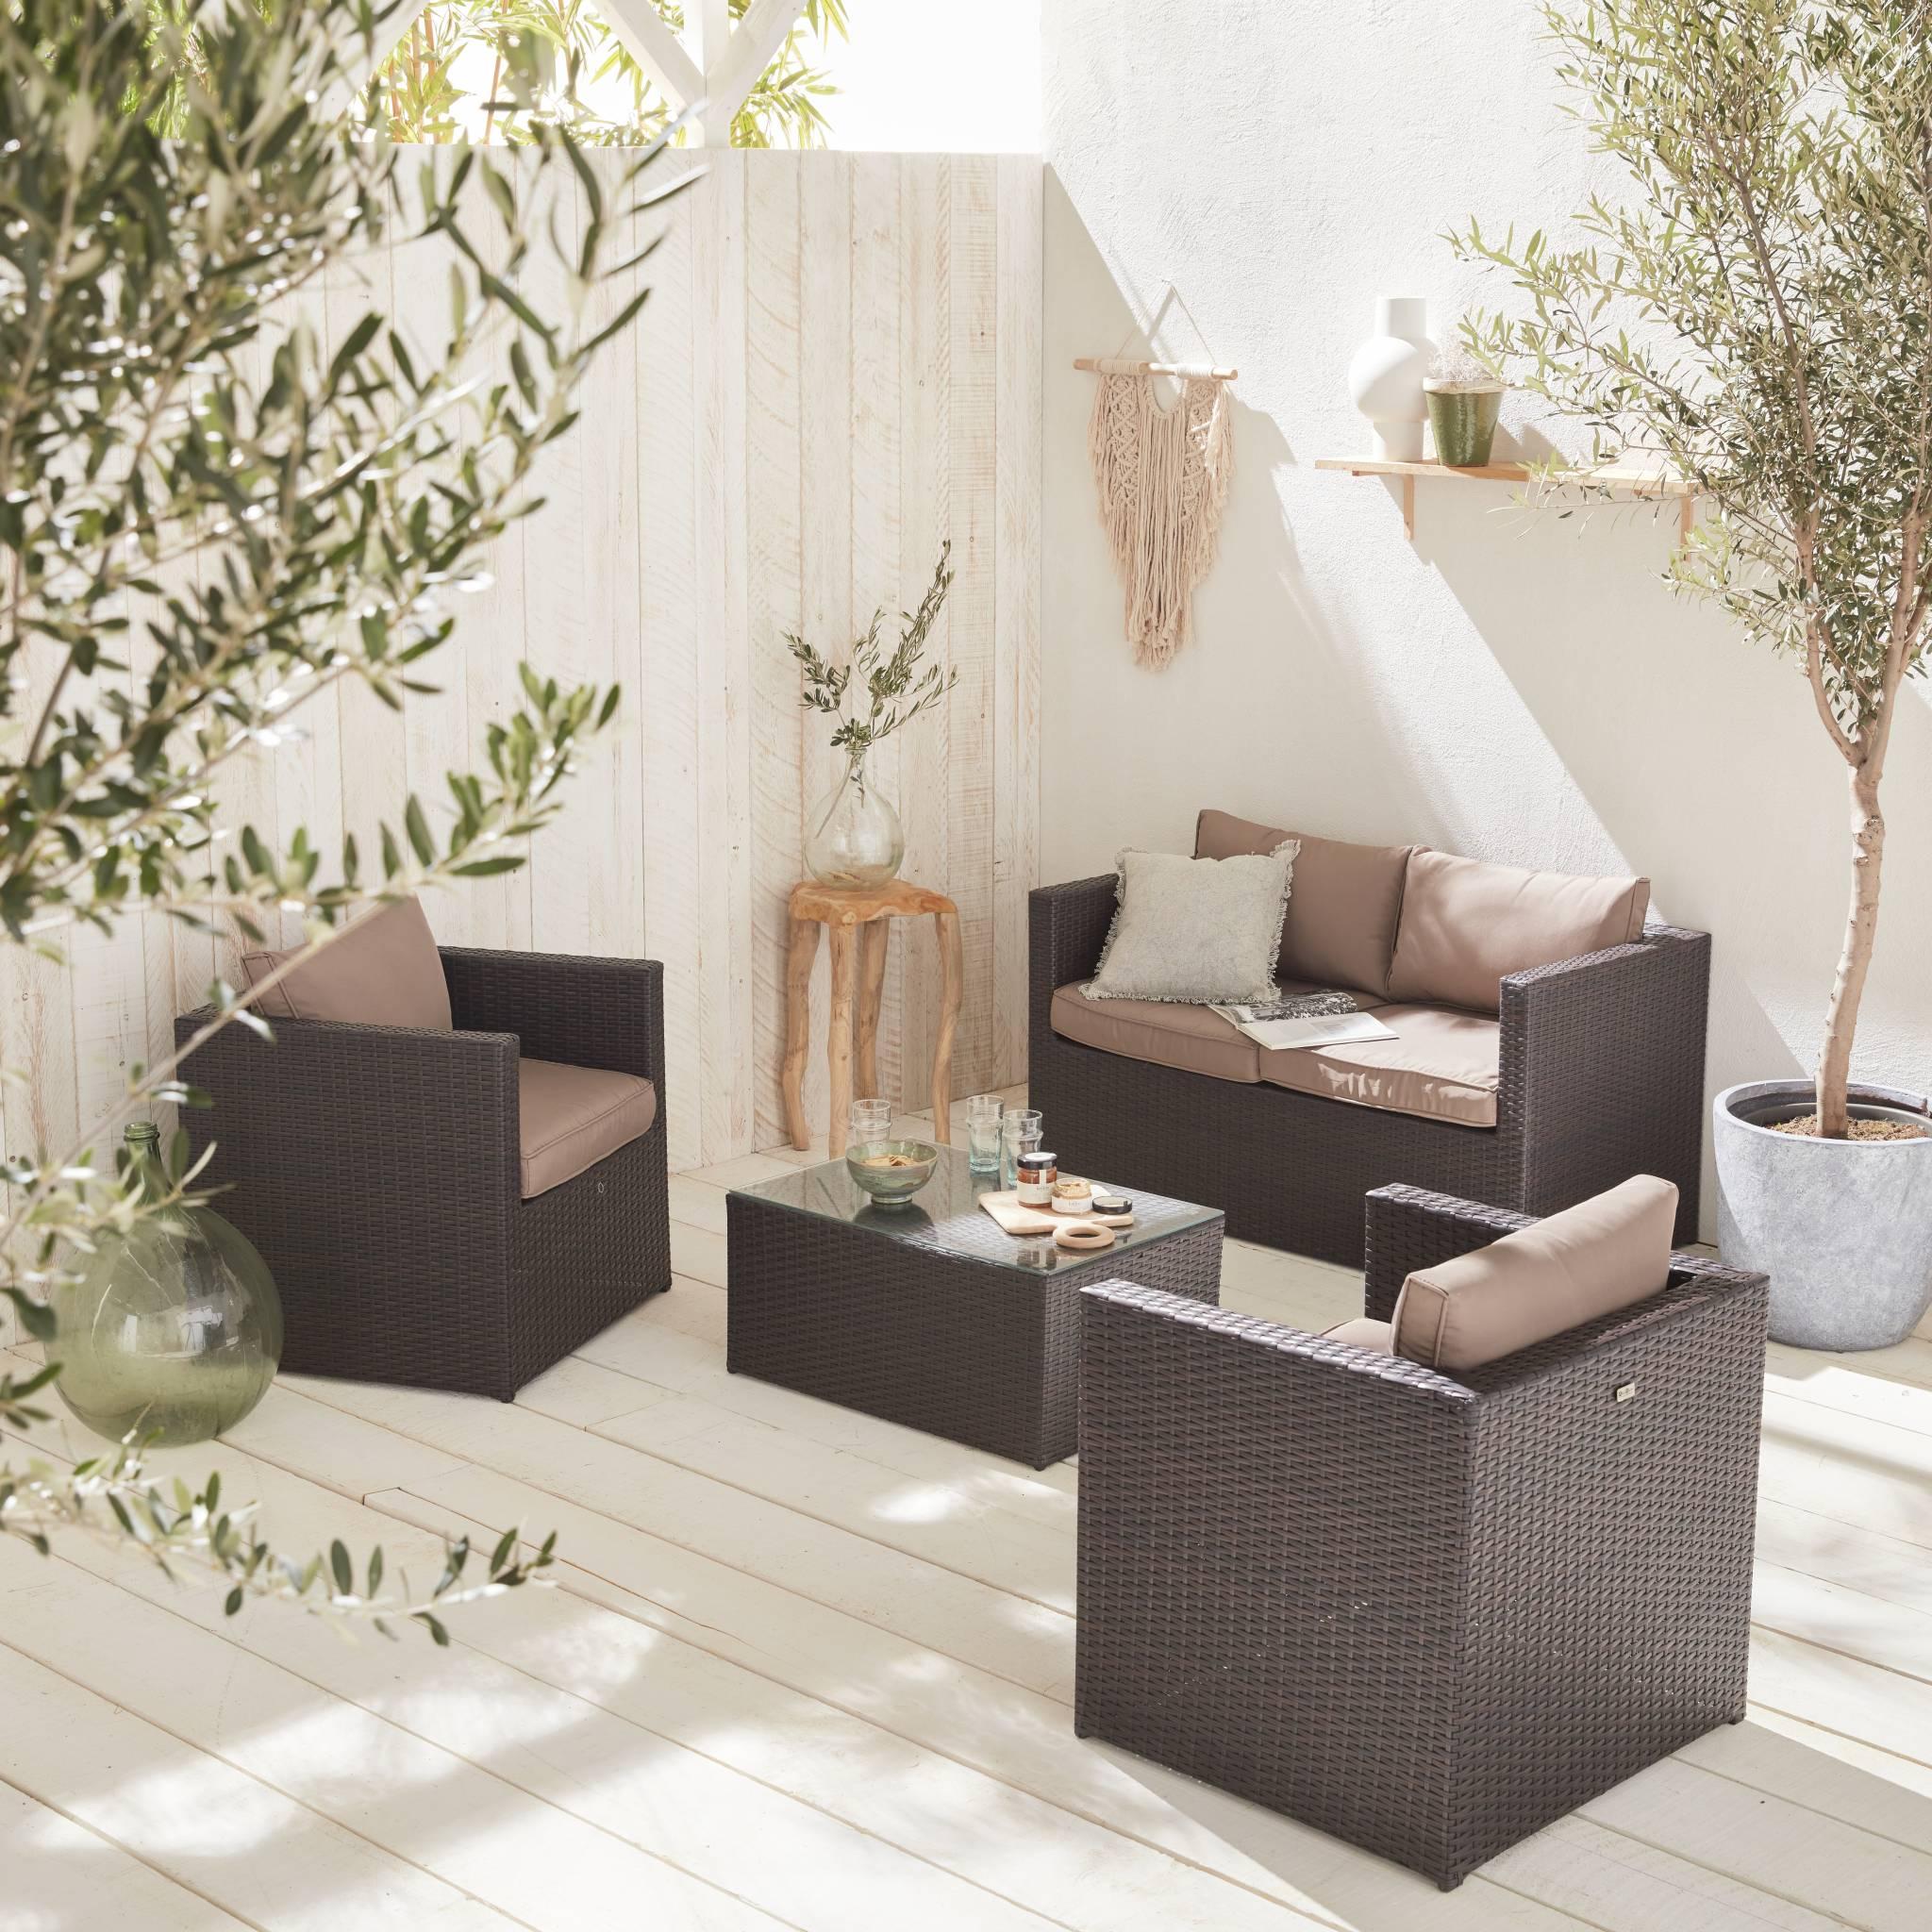 Salon de jardin 4 places en résine tressée chocolat coussins marron